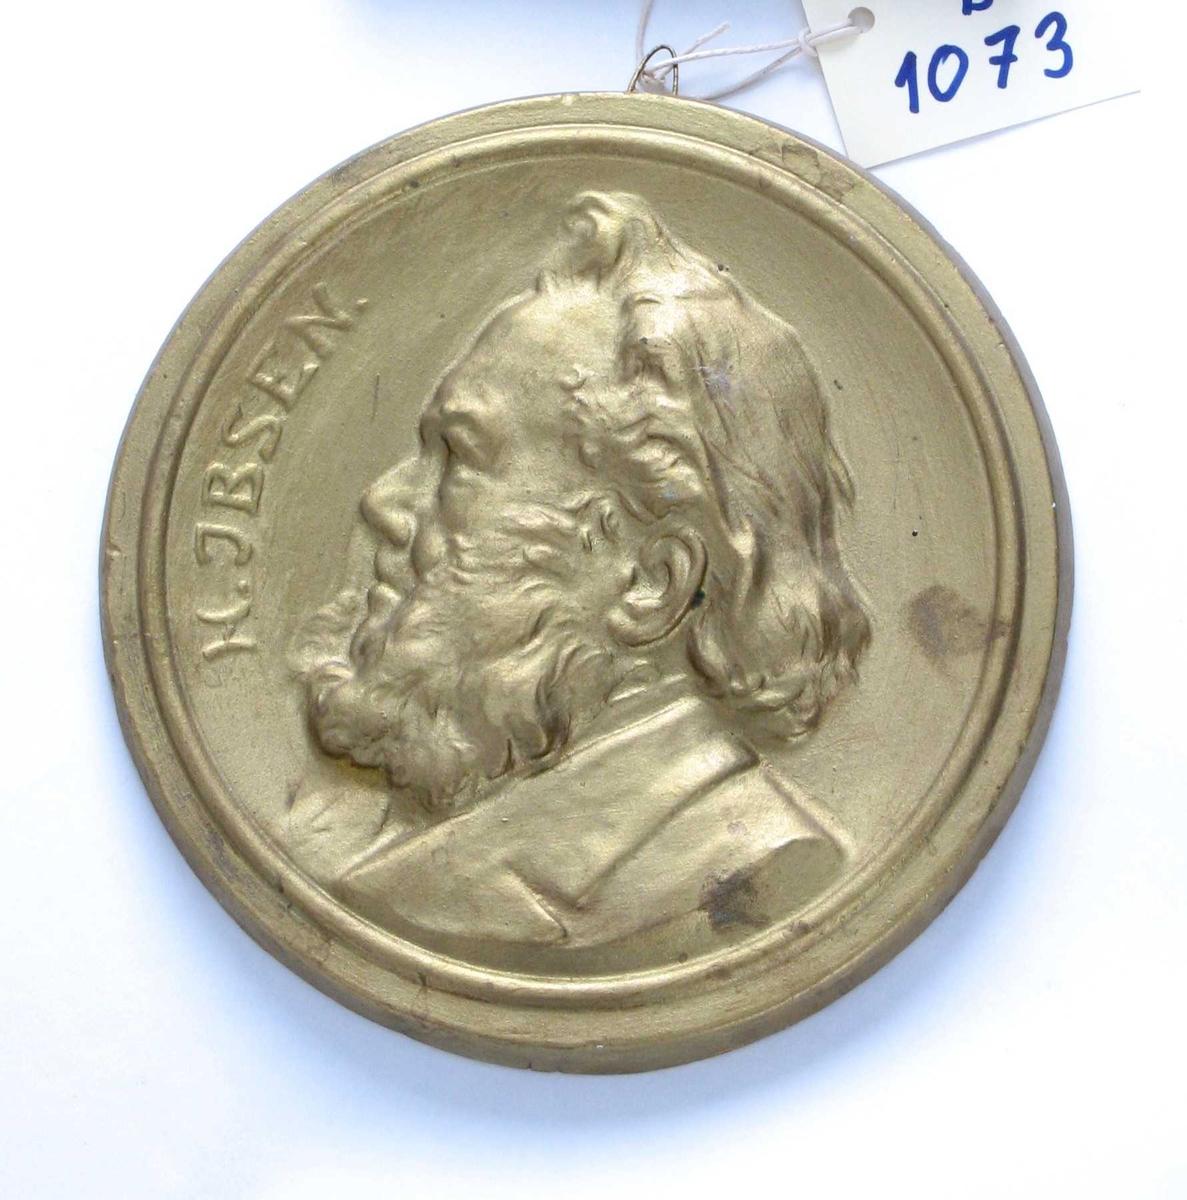 Sirkulær medaljong med   profilportrett, venstrevendt,  tekst langs venstre kant: